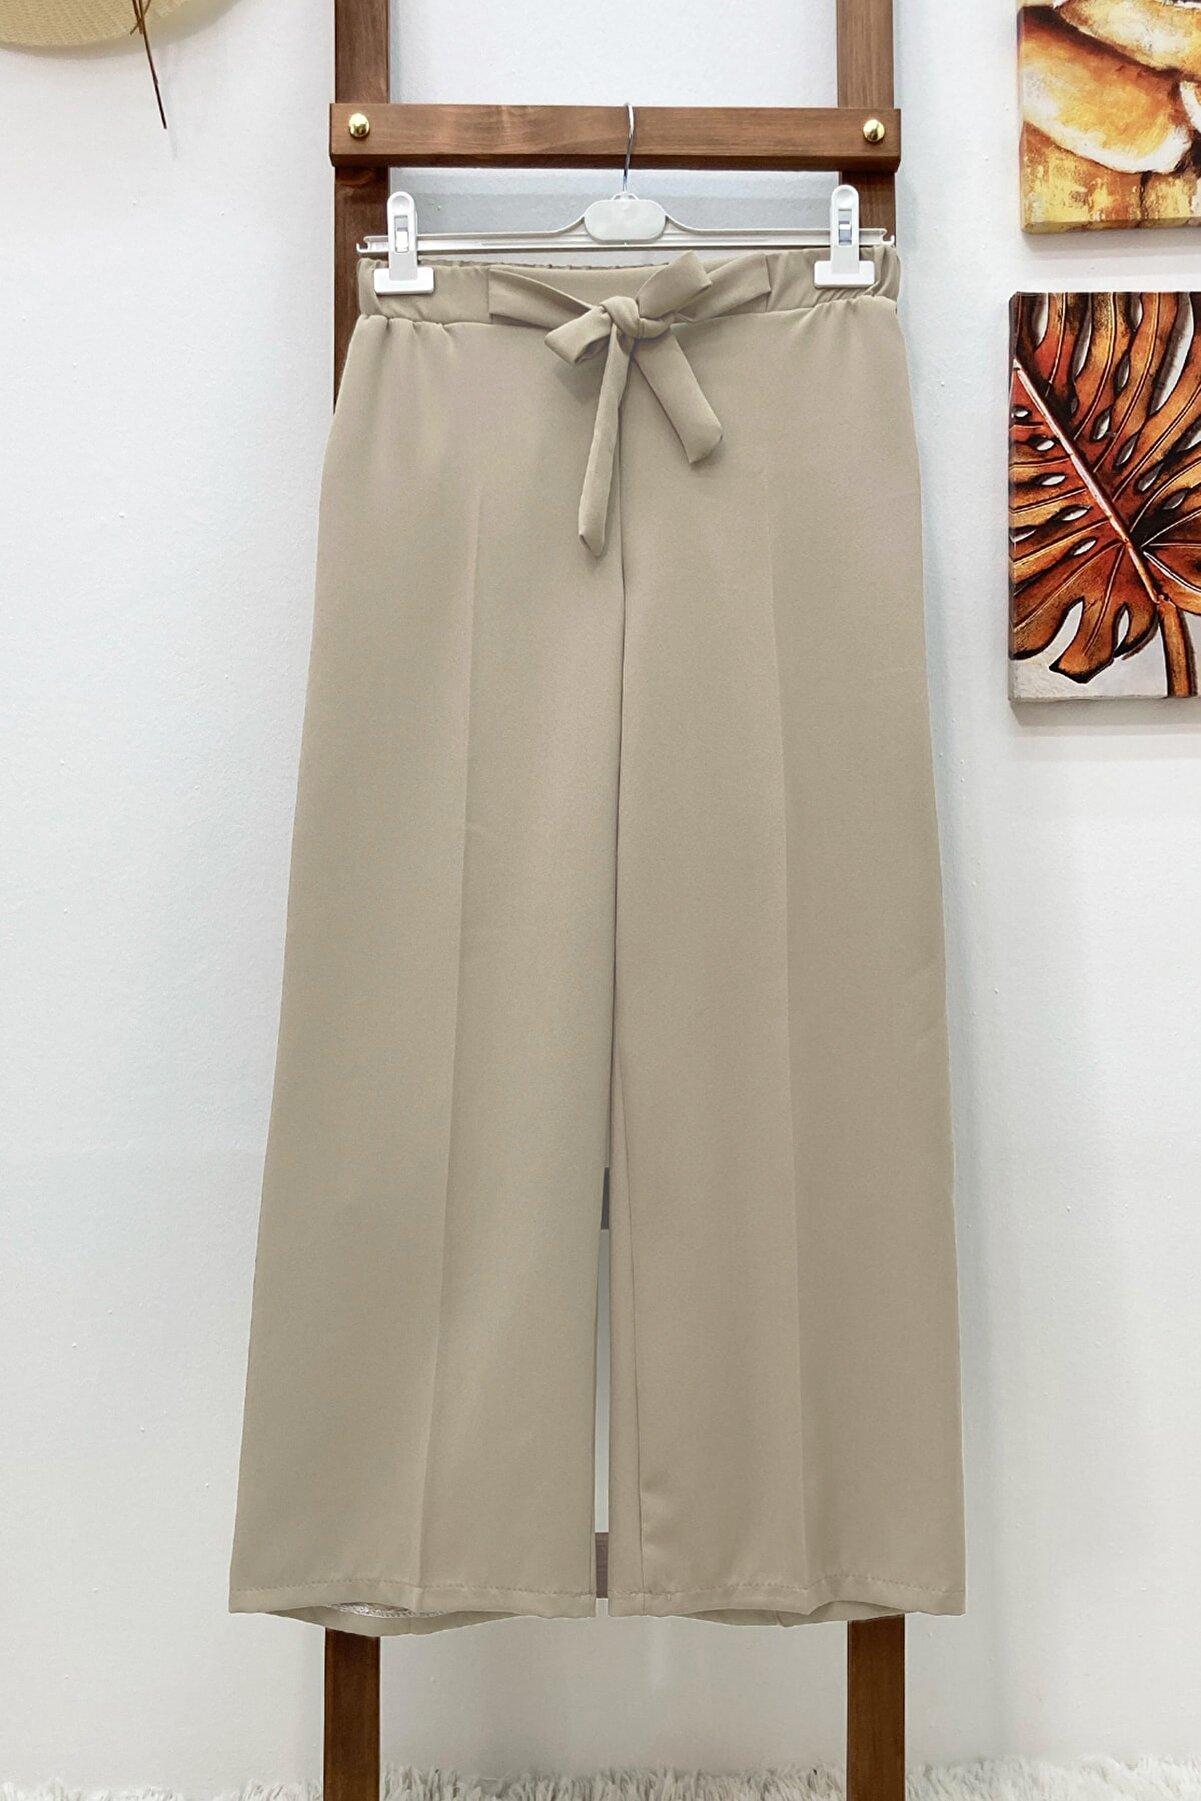 MODAQU Kuşaklı Bol Paça Pantolon Taş